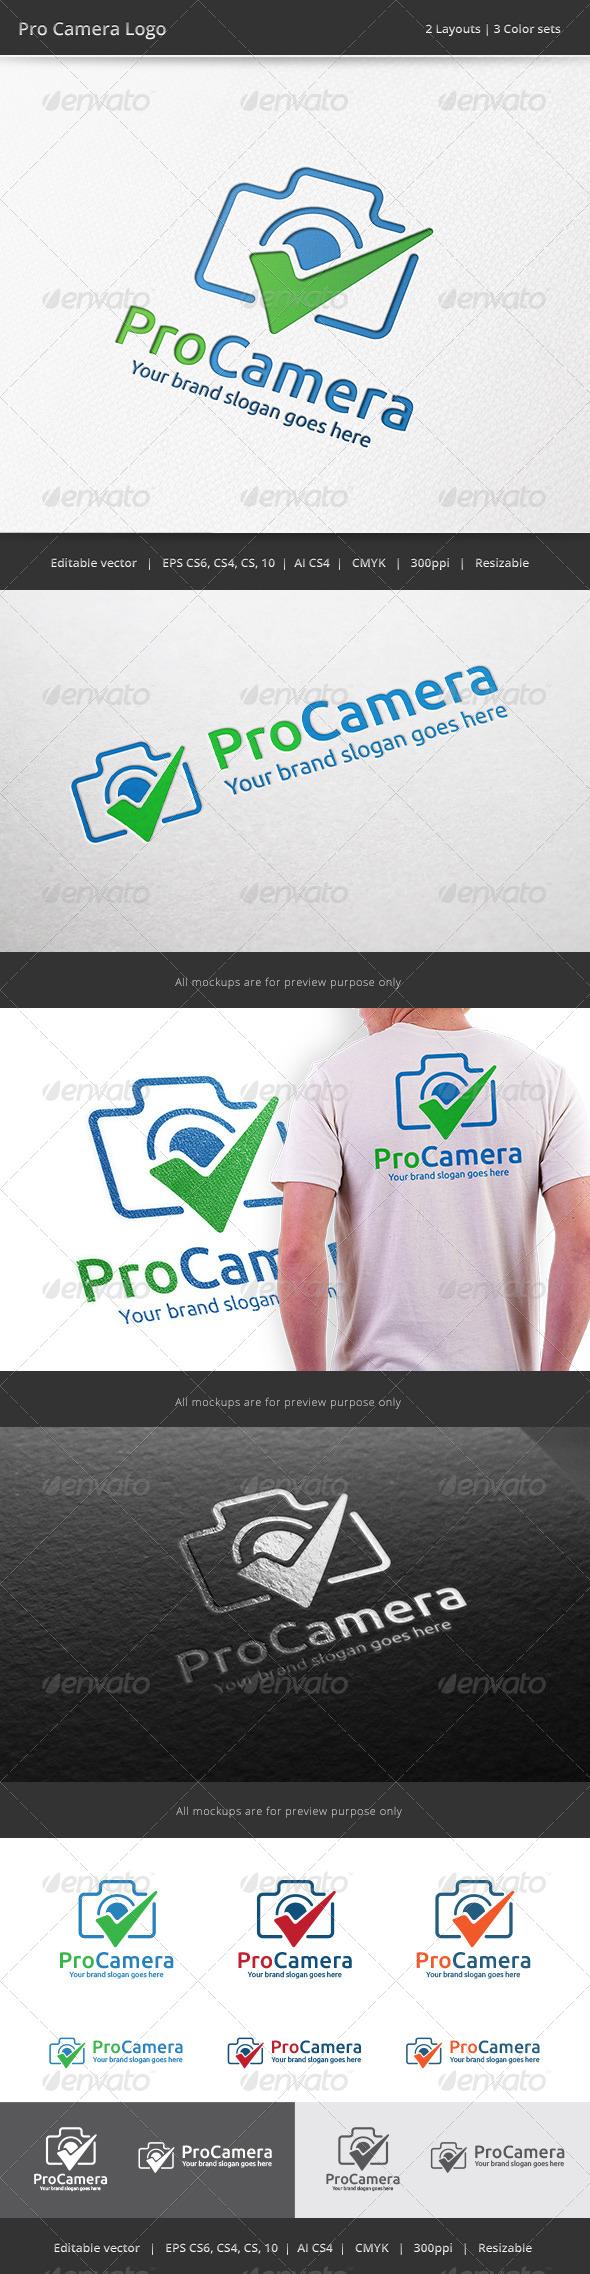 GraphicRiver Pro Camera Check Logo 7951742